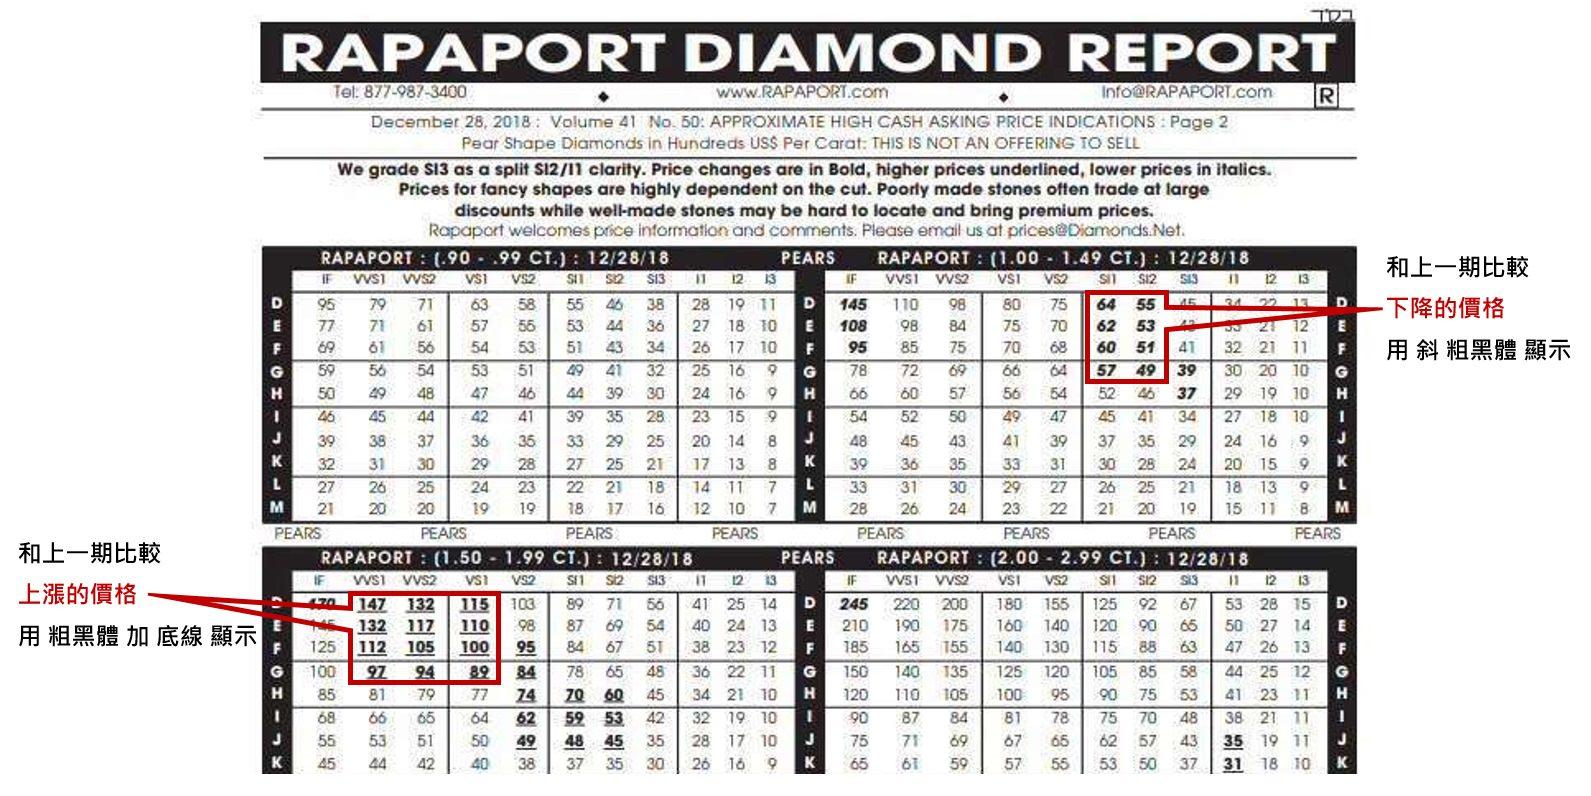 △rapaport鑽石價格表中,標示部位為上漲的價格和下降的價格,分別以不同的標示字體